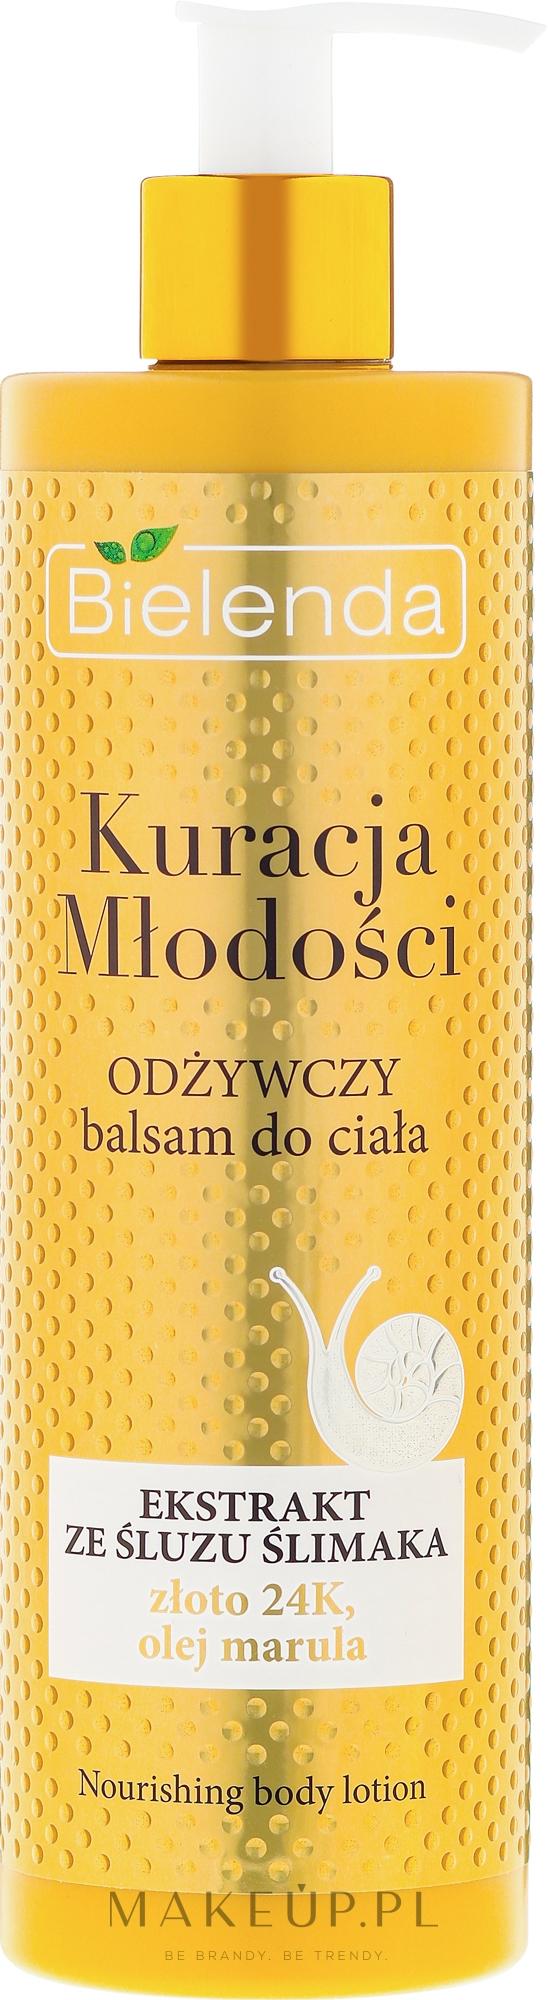 Odżywczy balsam do ciała z ekstraktem ze śluzu ślimaka - Bielenda Kuracja młodości — фото 400 ml